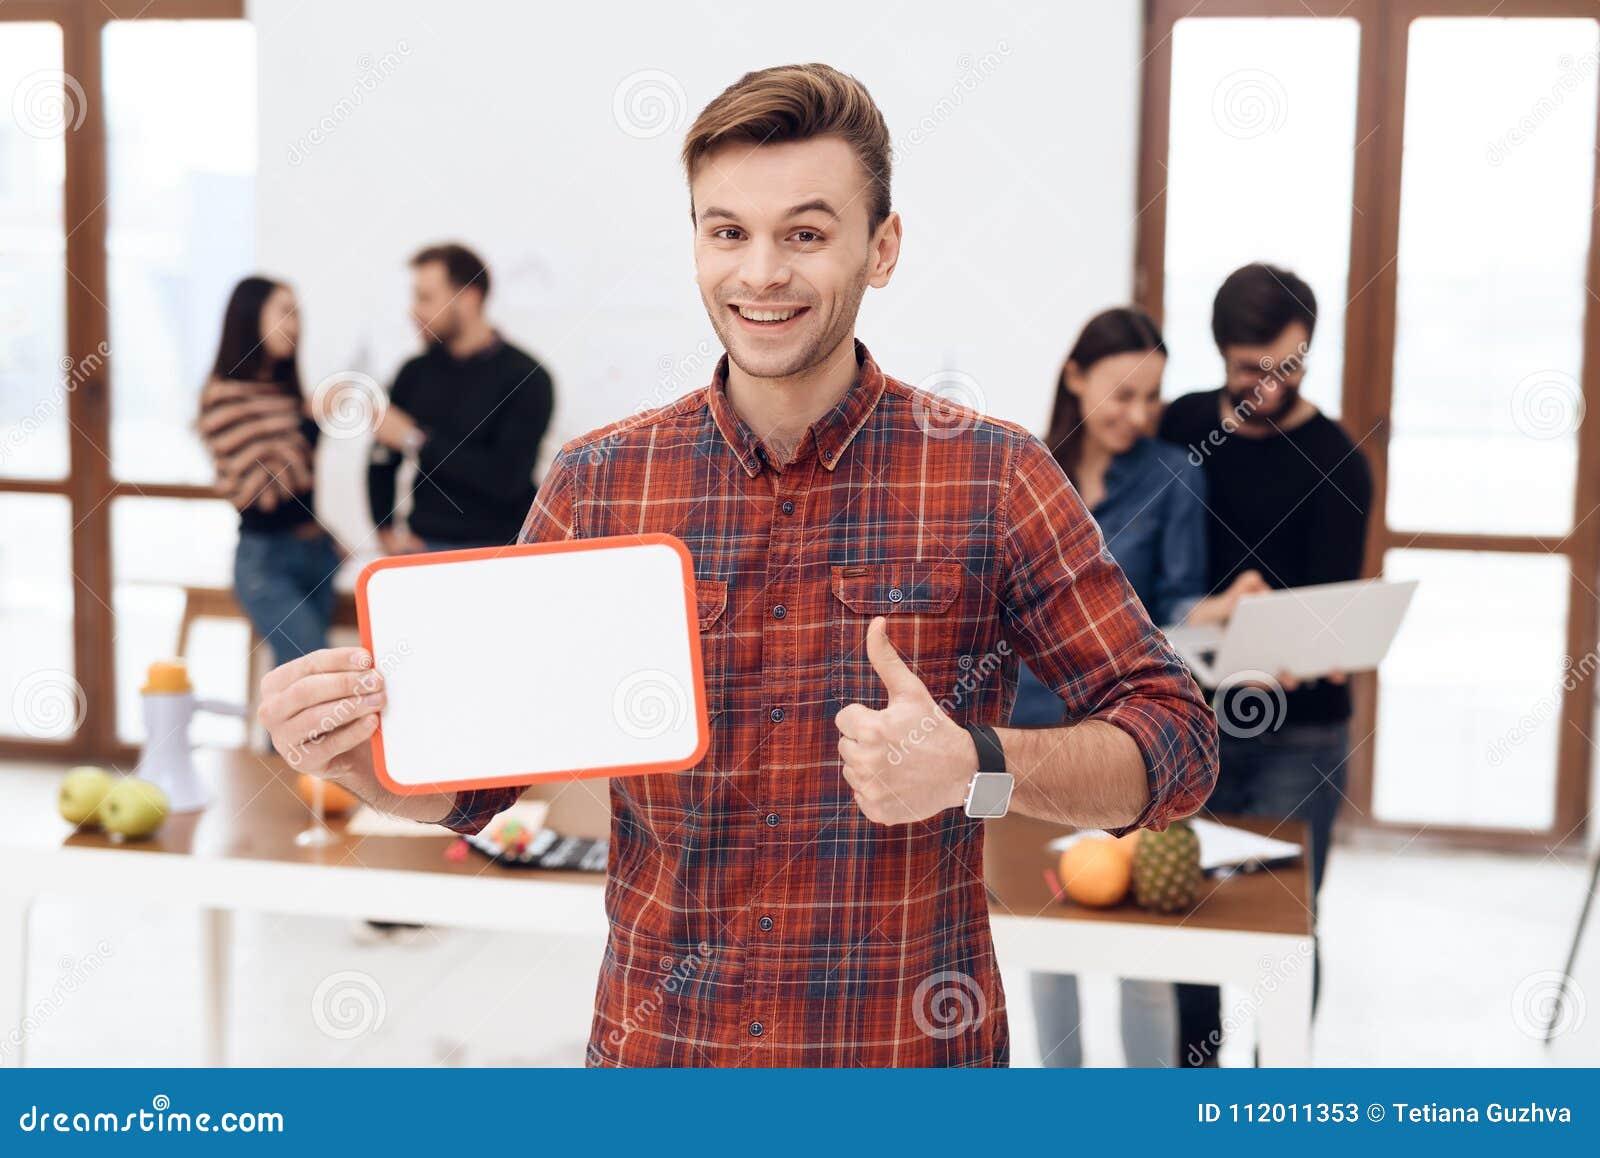 El individuo está llevando a cabo a un tablero blanco